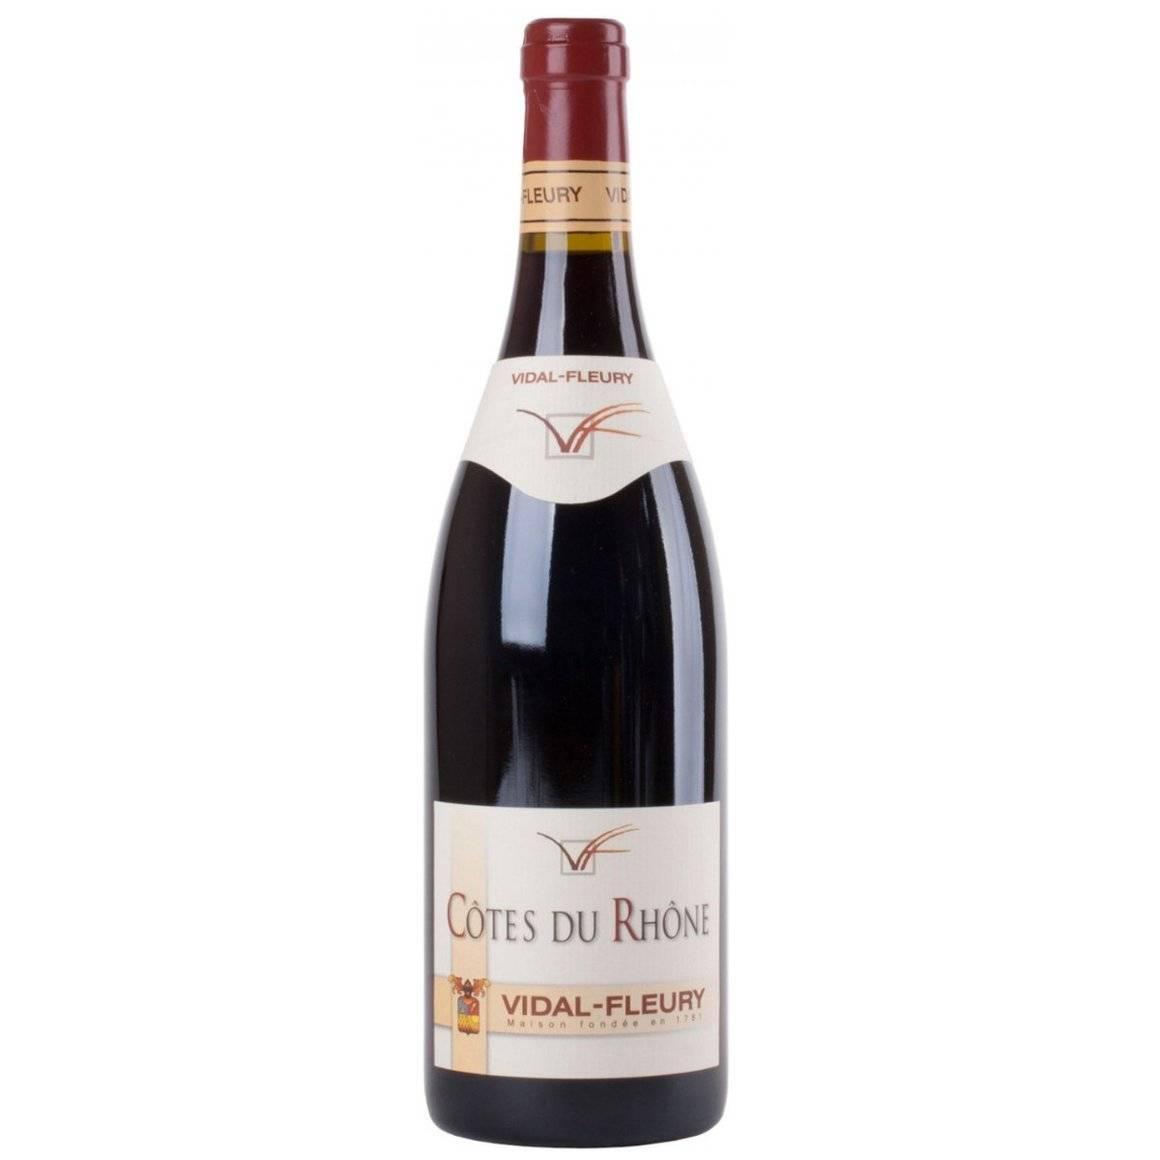 Кот дю рон, север и юг - вина и виноделие